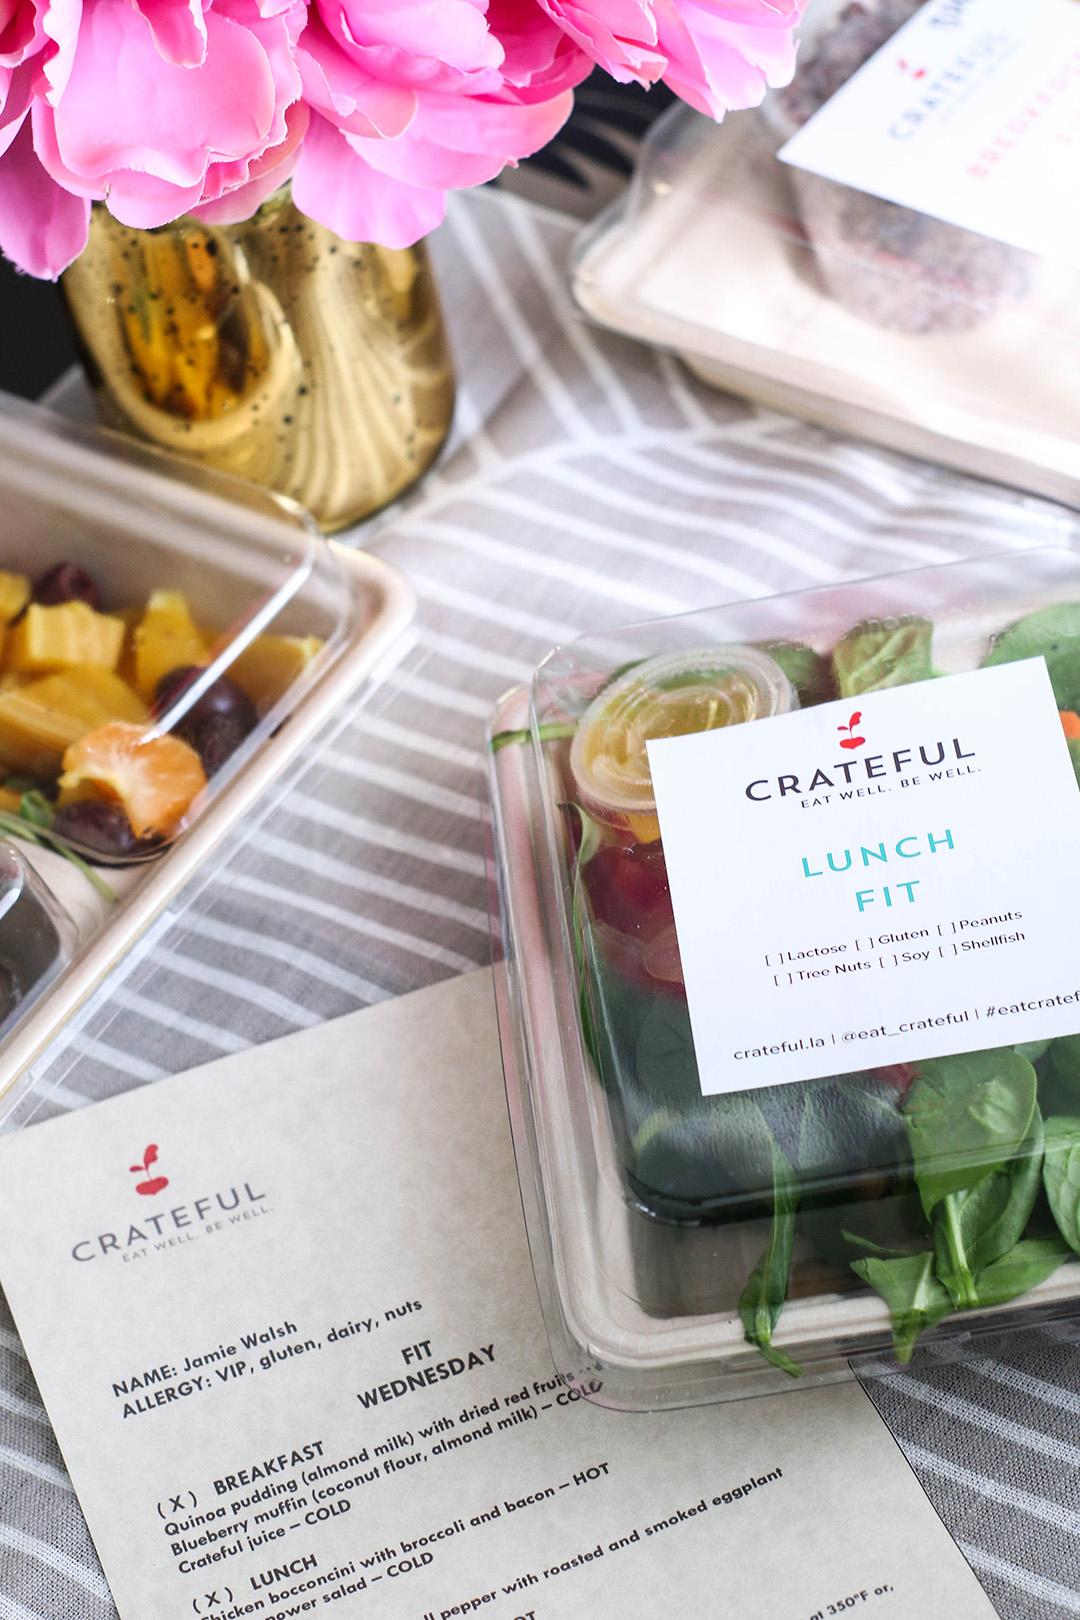 Crateful -c-4